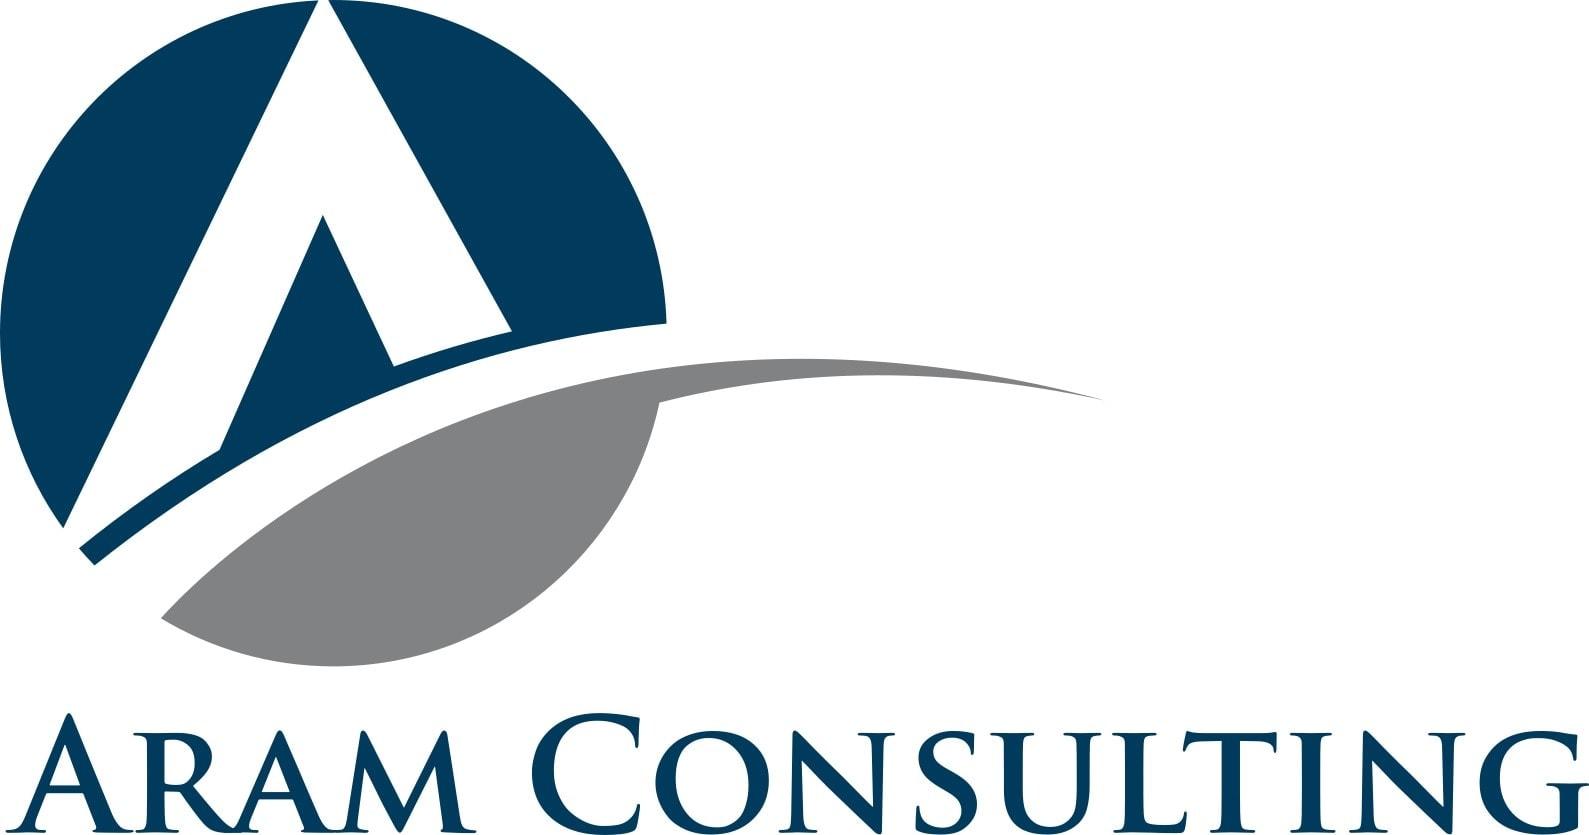 Aram Consulting